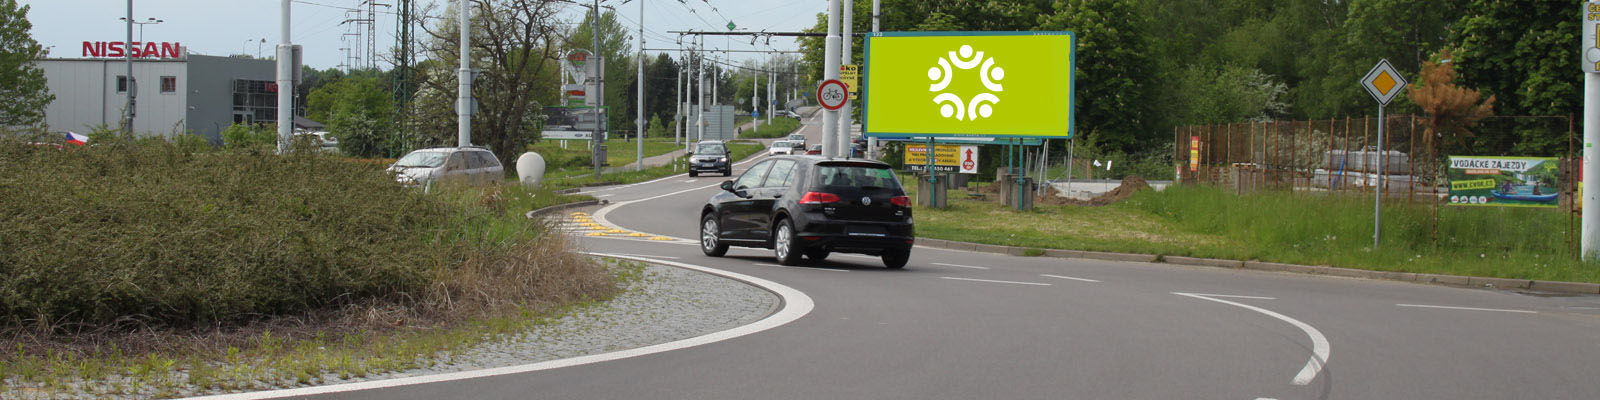 Pardubice - ulice Poděbradská, na kruhovém objezdu u Globusu